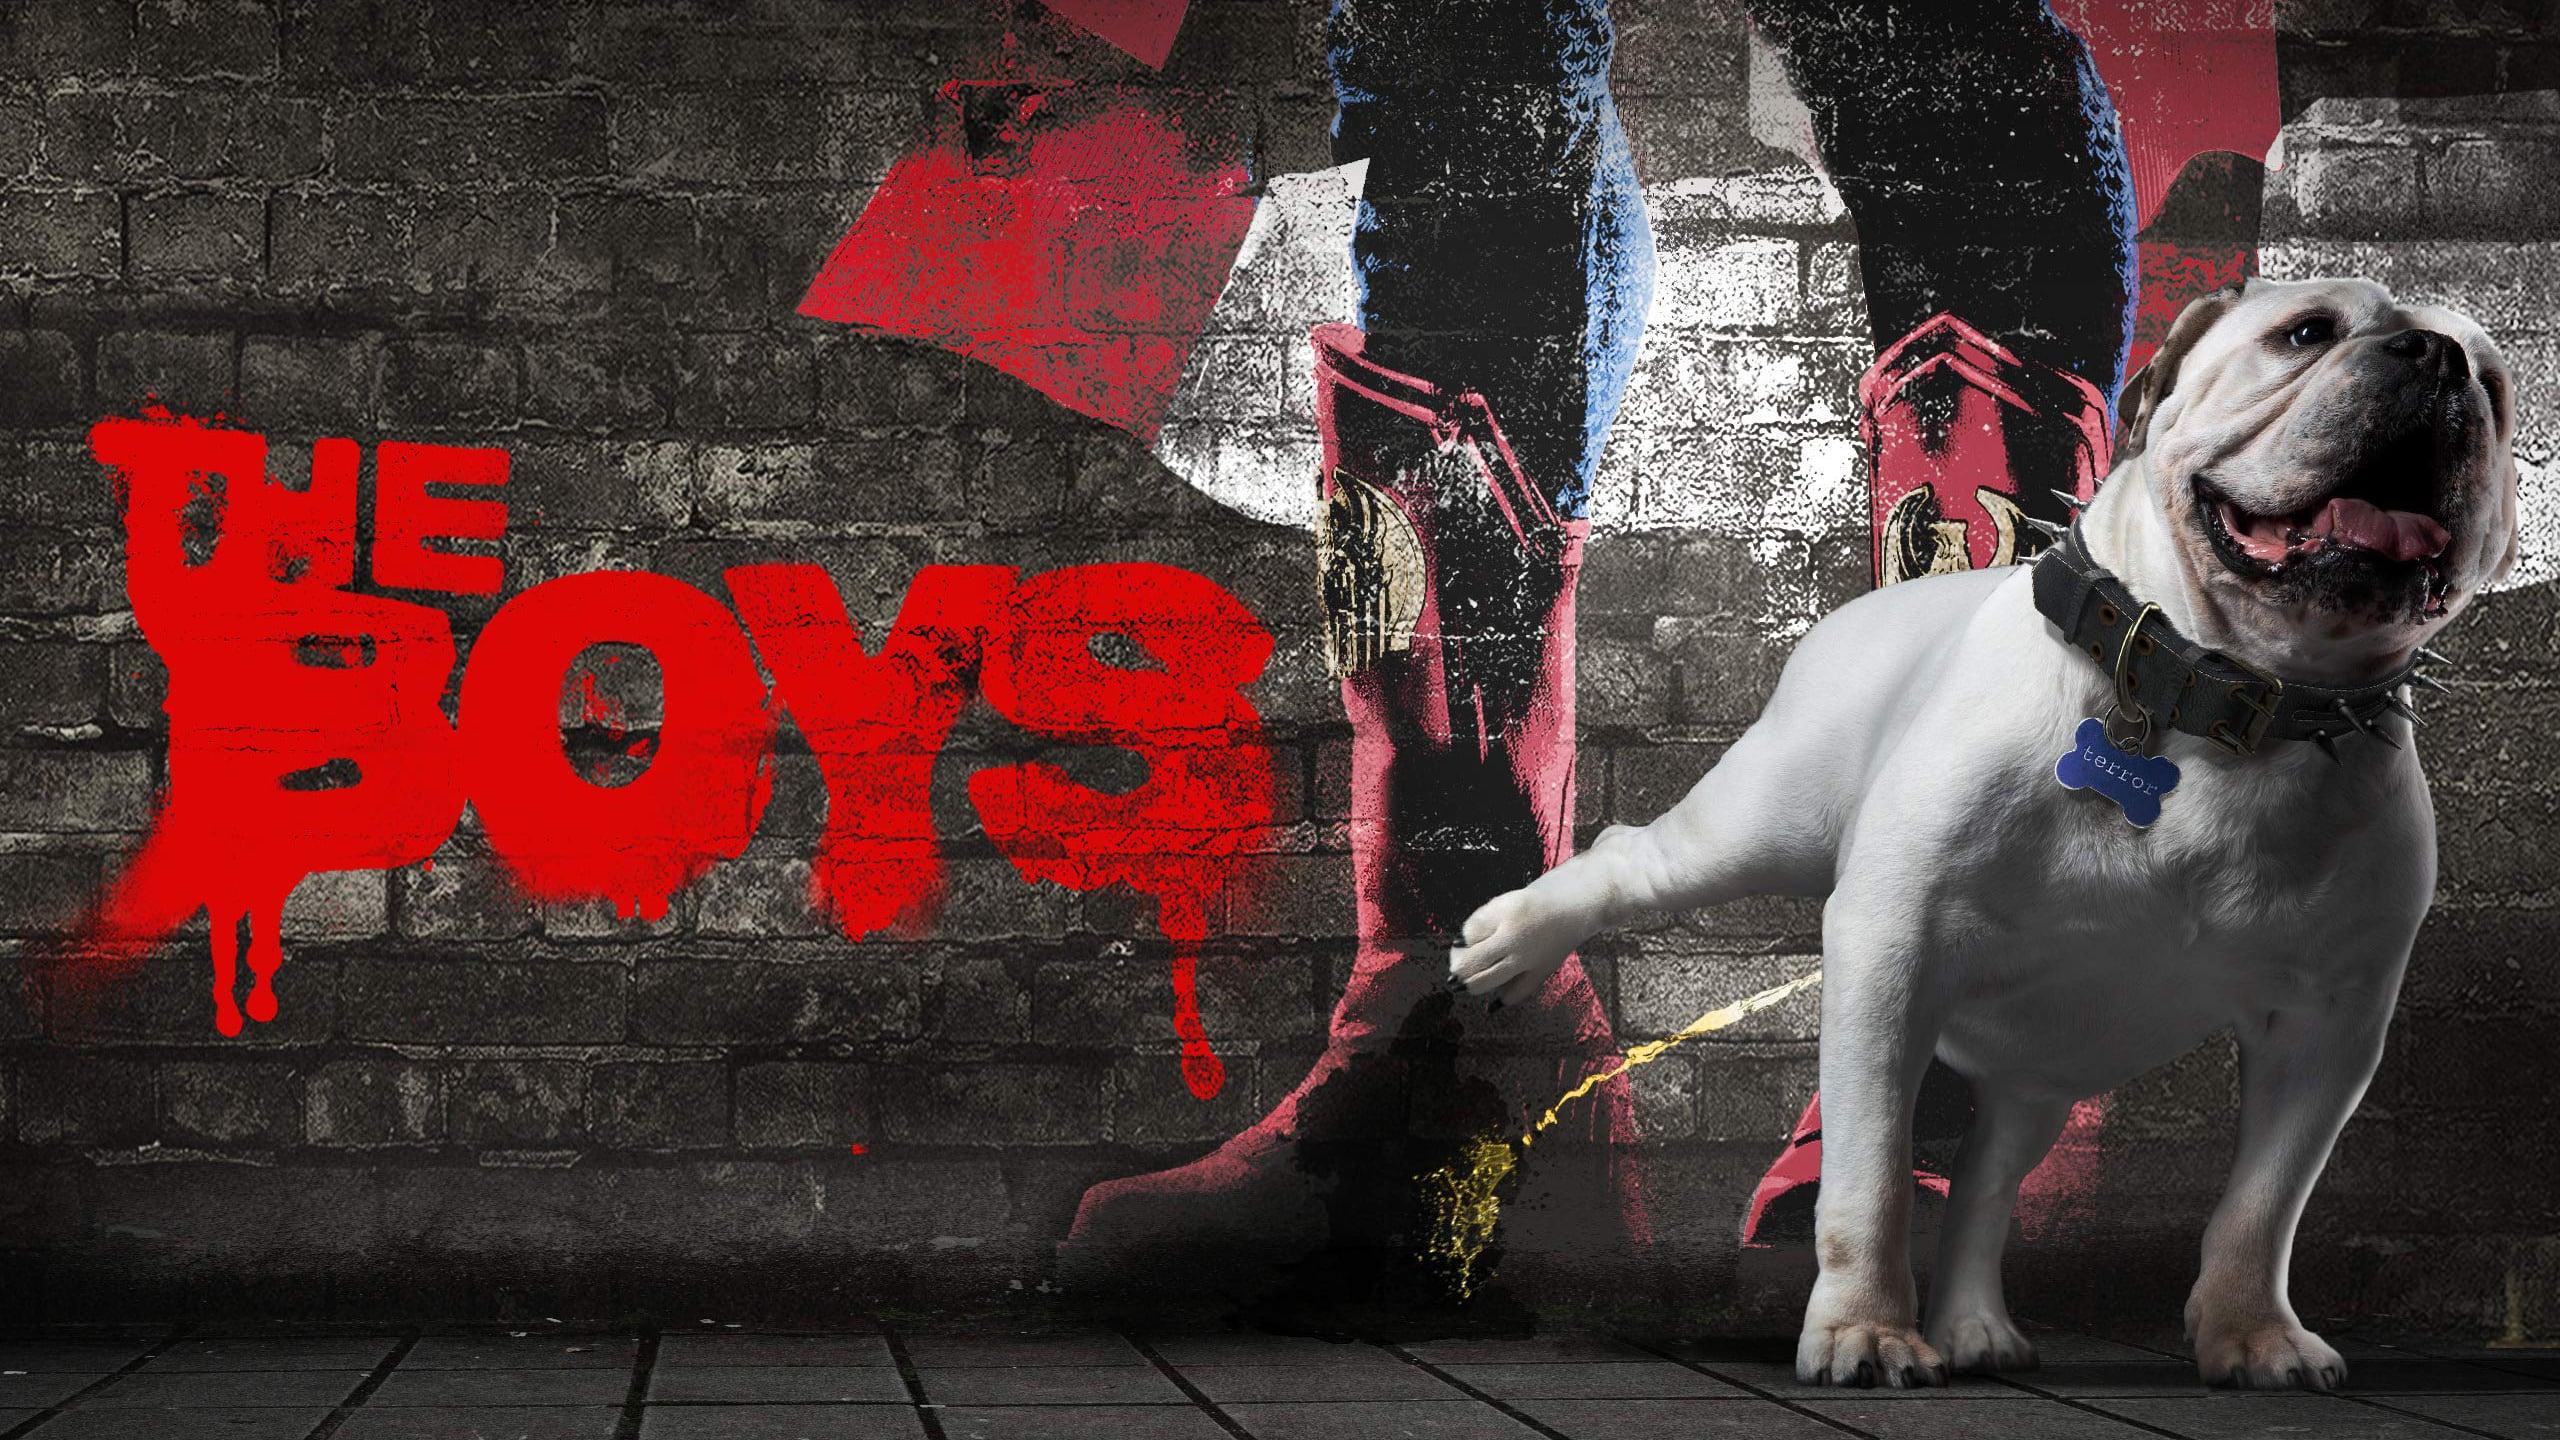 The Boys Season 2 Episode 5